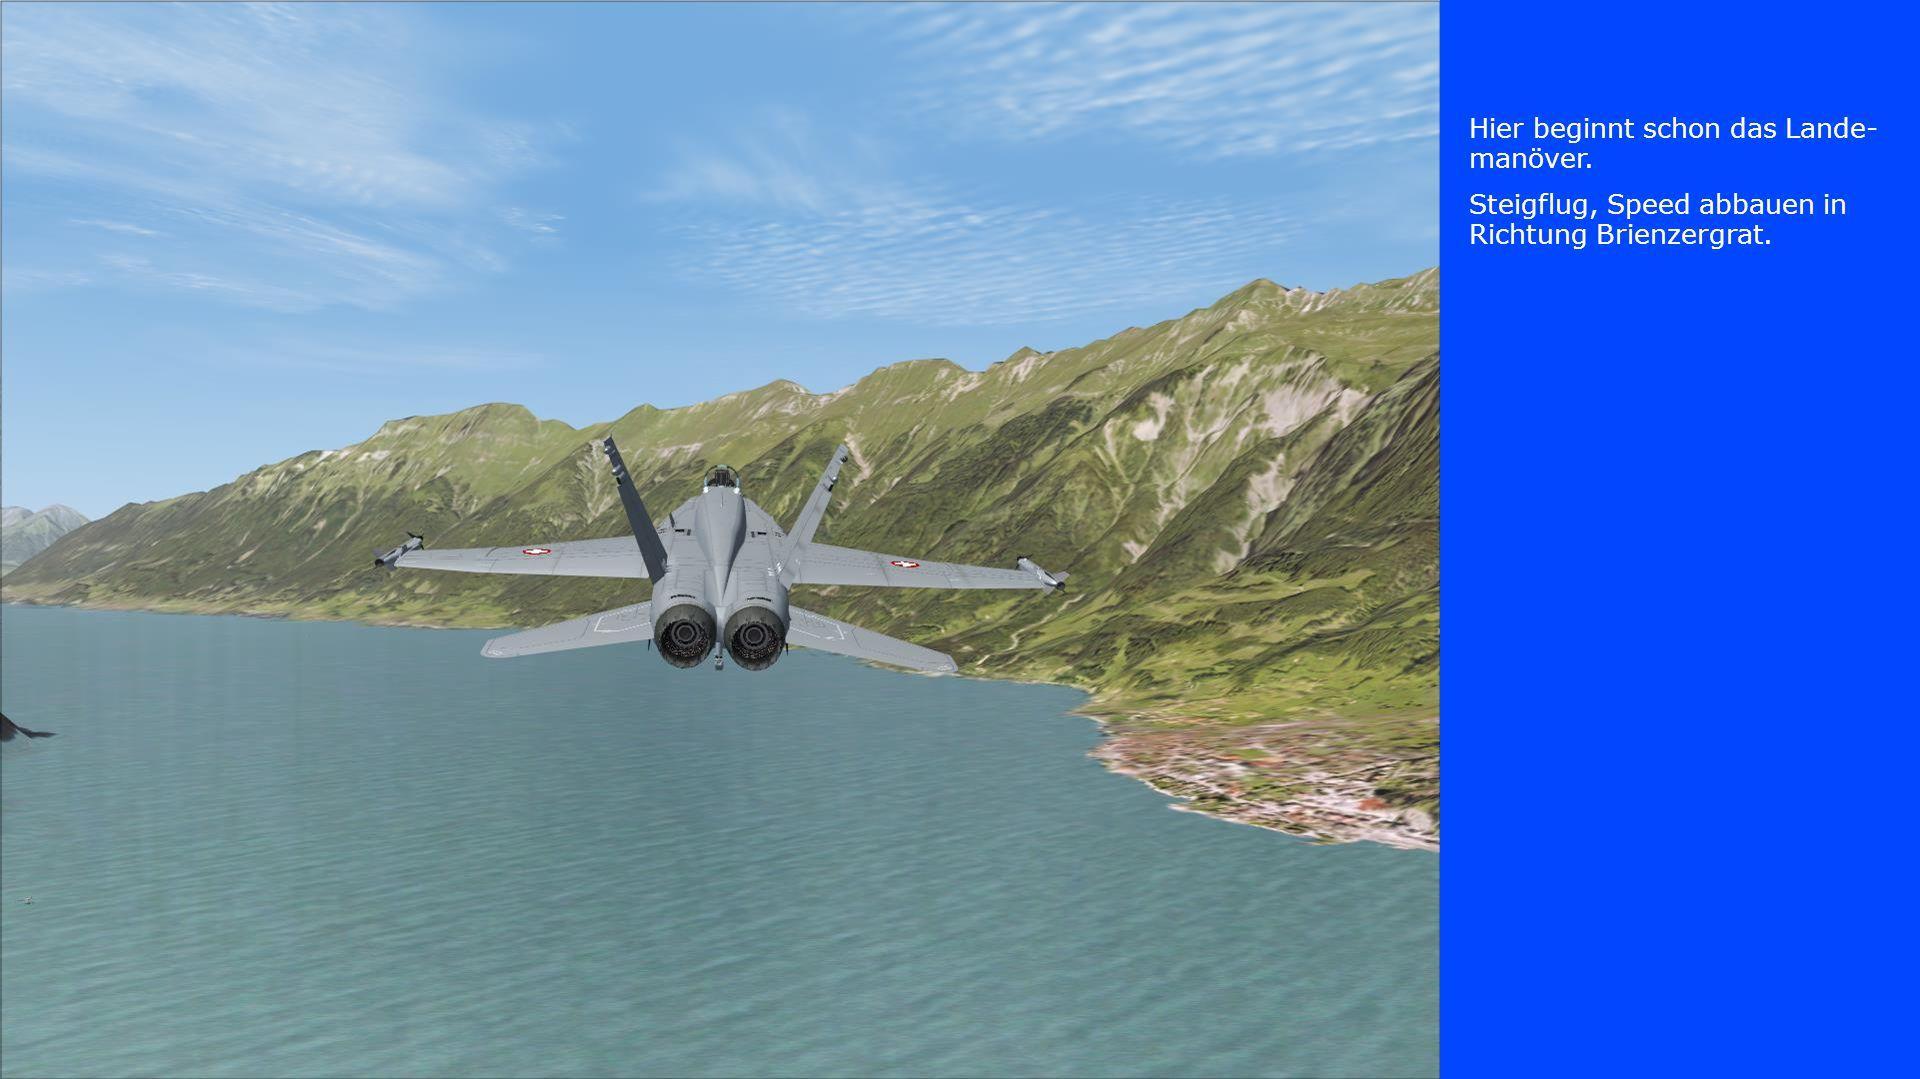 Hier beginnt schon das Lande- manöver. Steigflug, Speed abbauen in Richtung Brienzergrat.